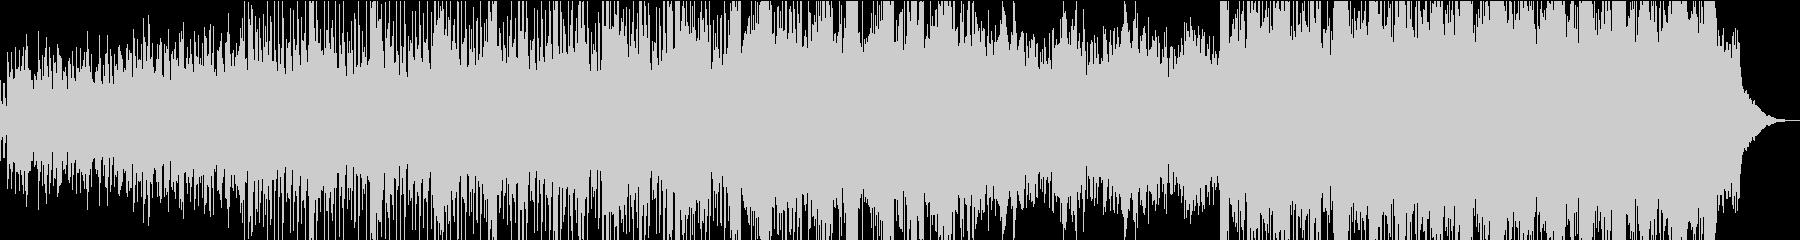 ダークでテンションの上がる曲の未再生の波形